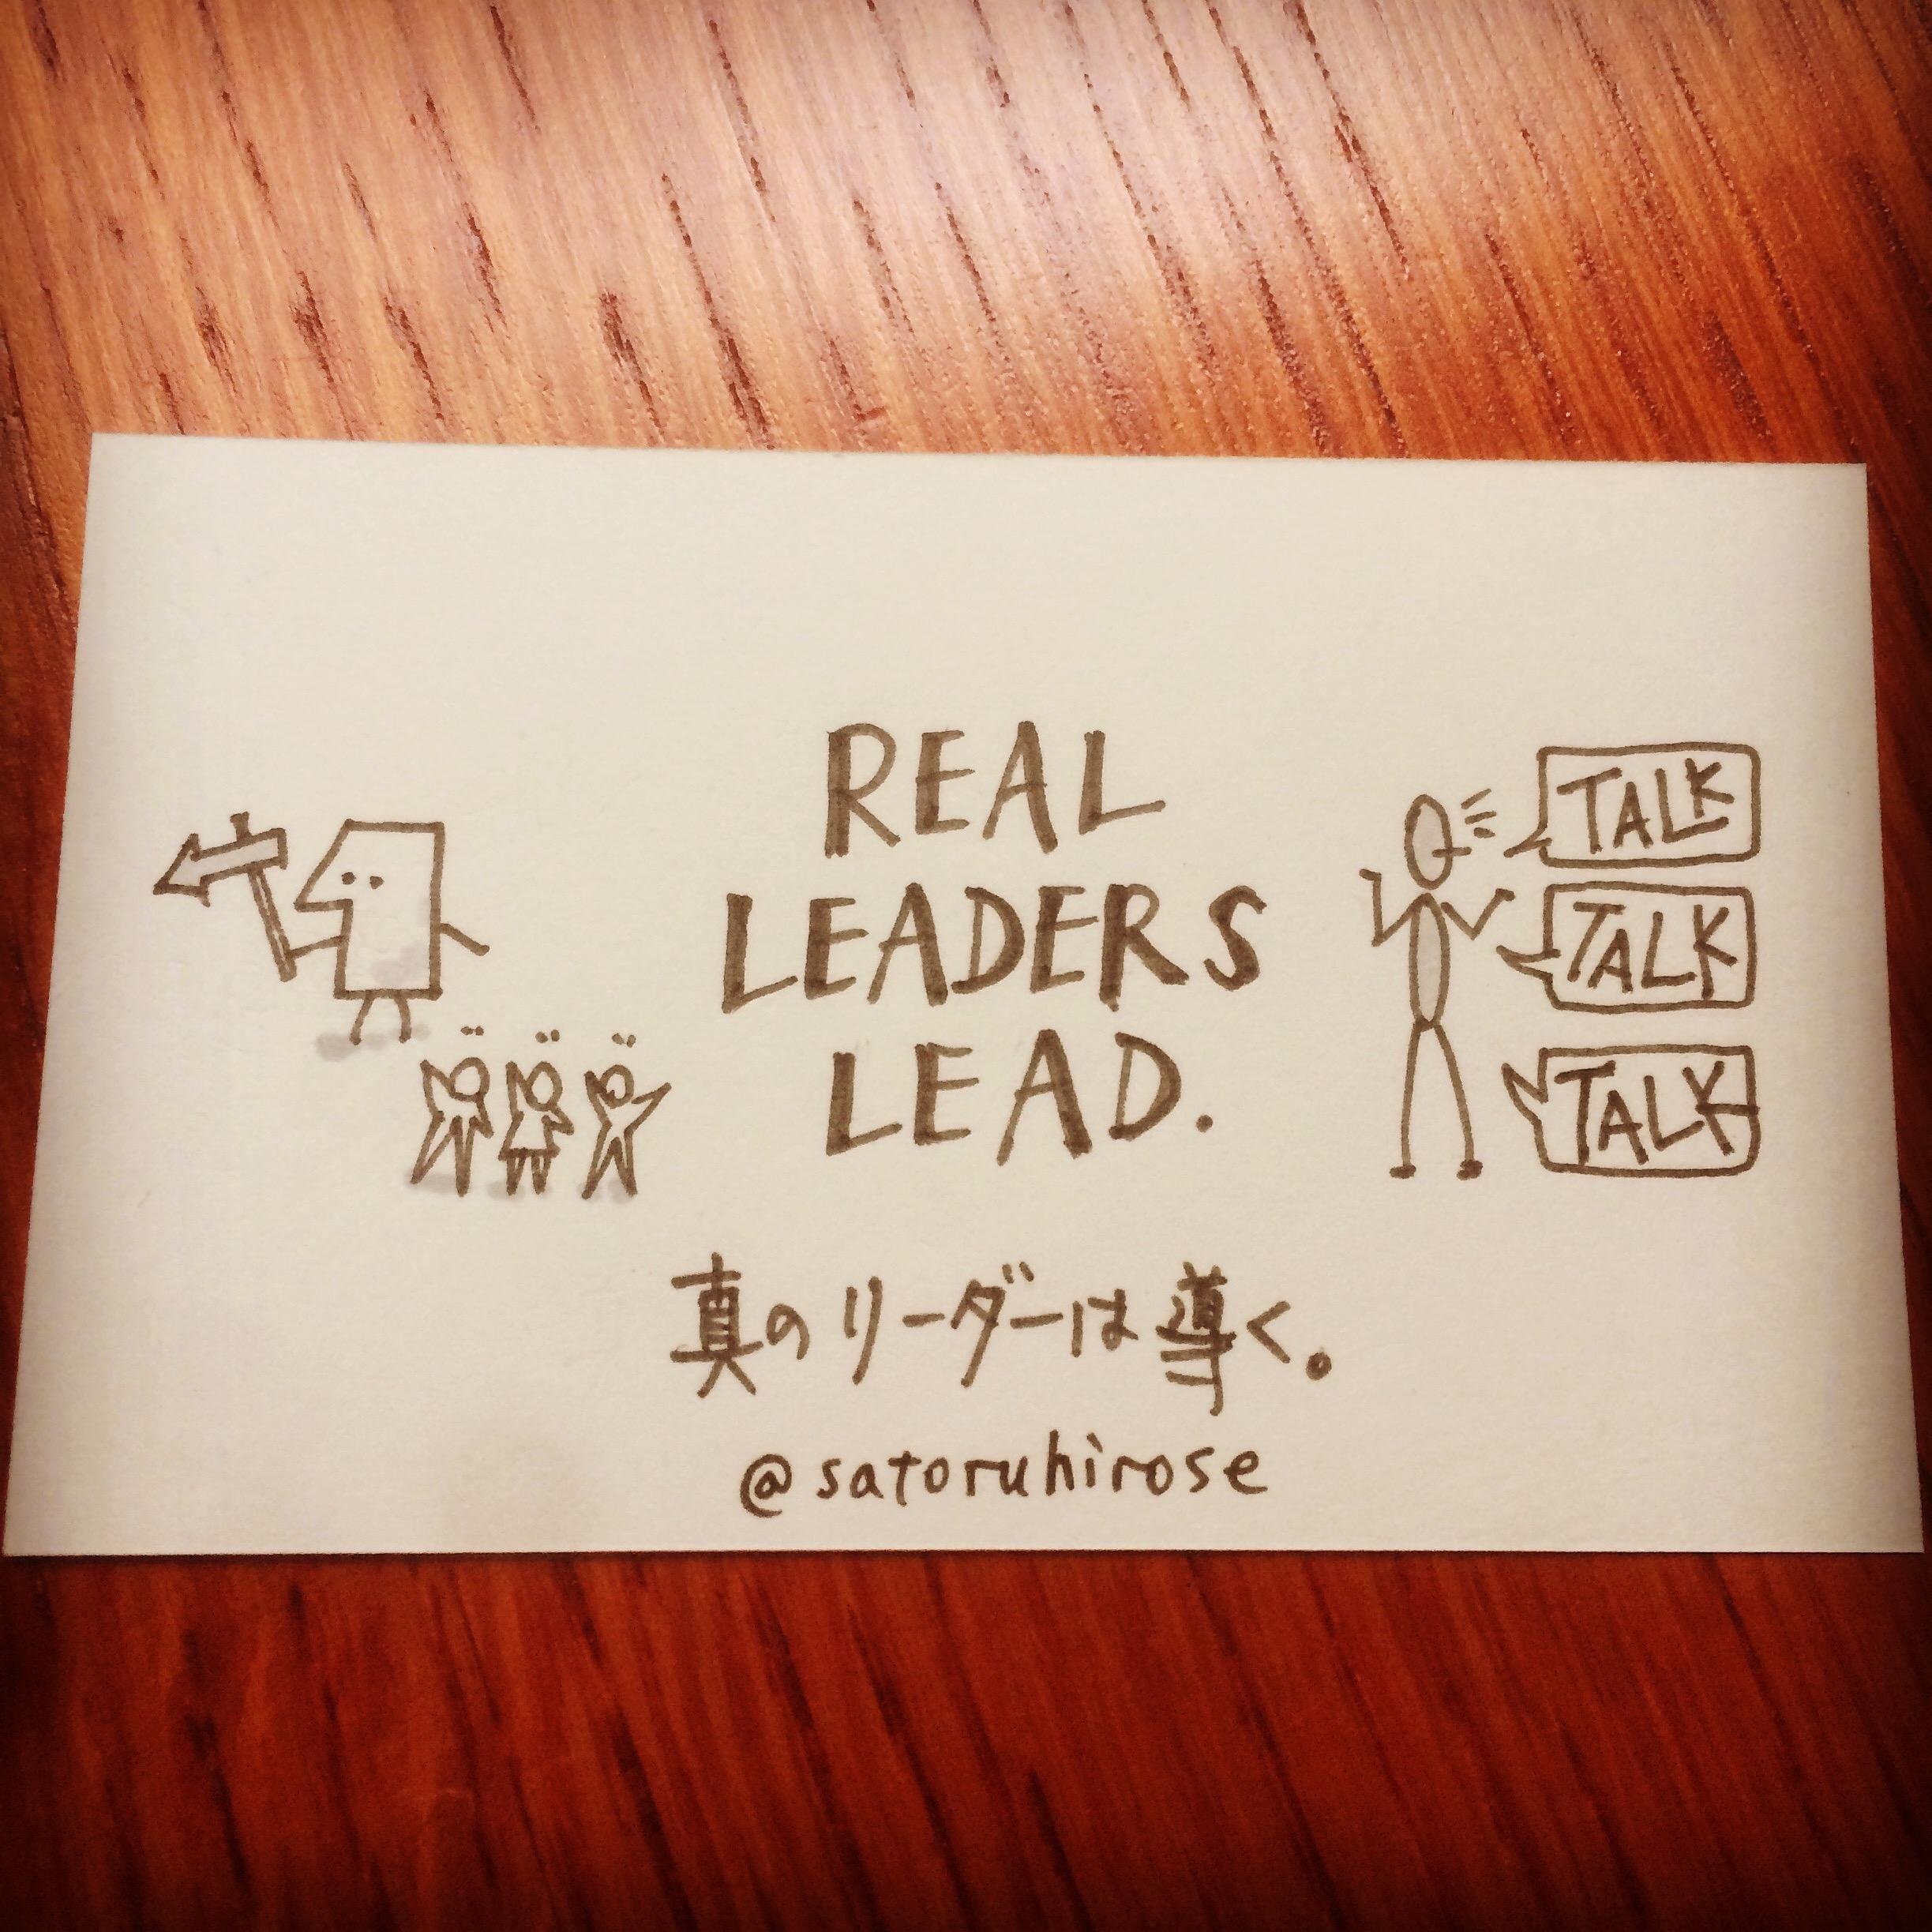 Real leaders lead.